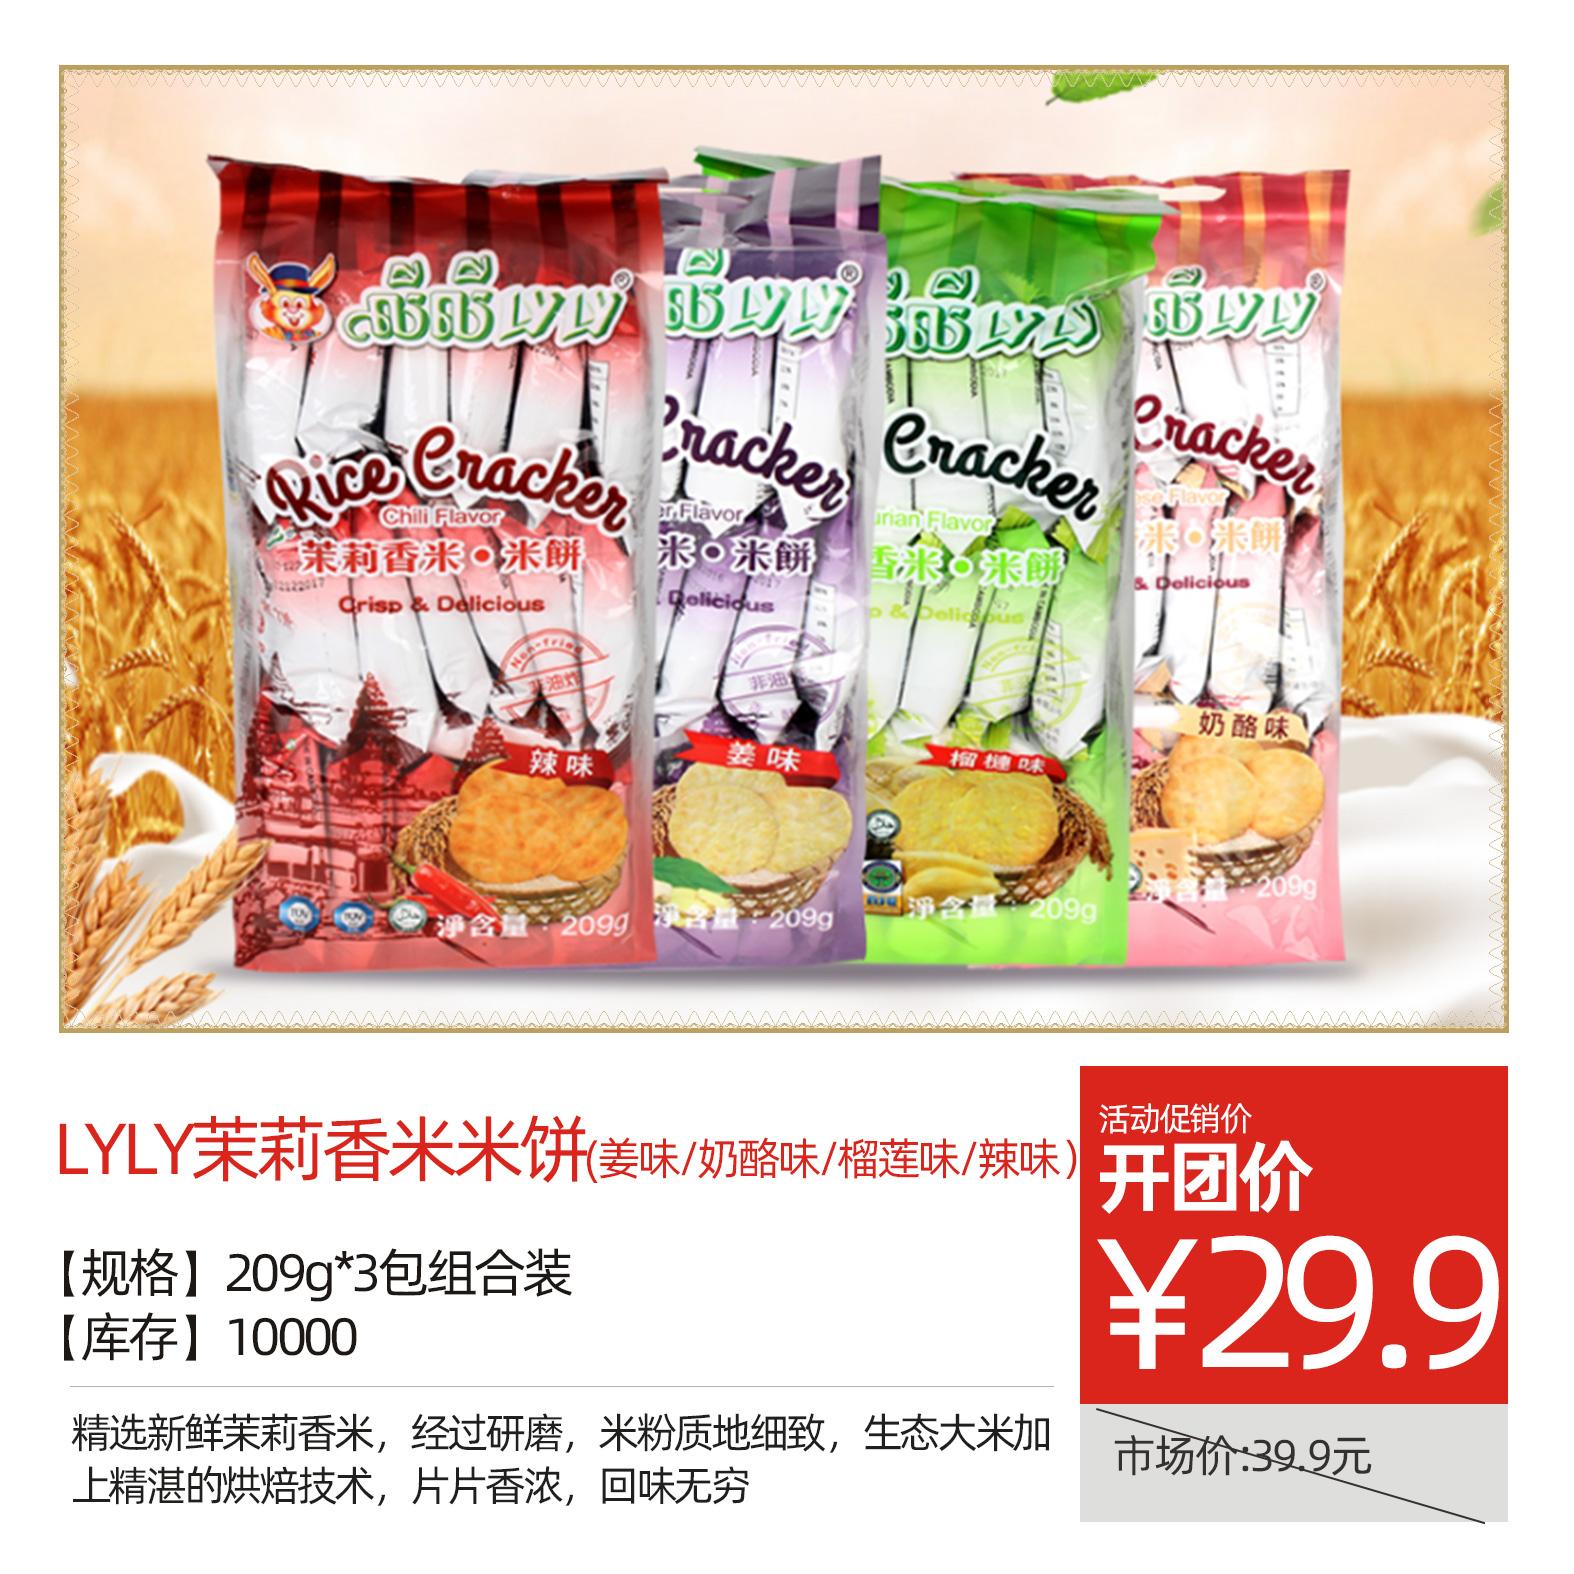 LYLY茉莉香米米饼(姜味/奶酪味/榴莲味/辣味)